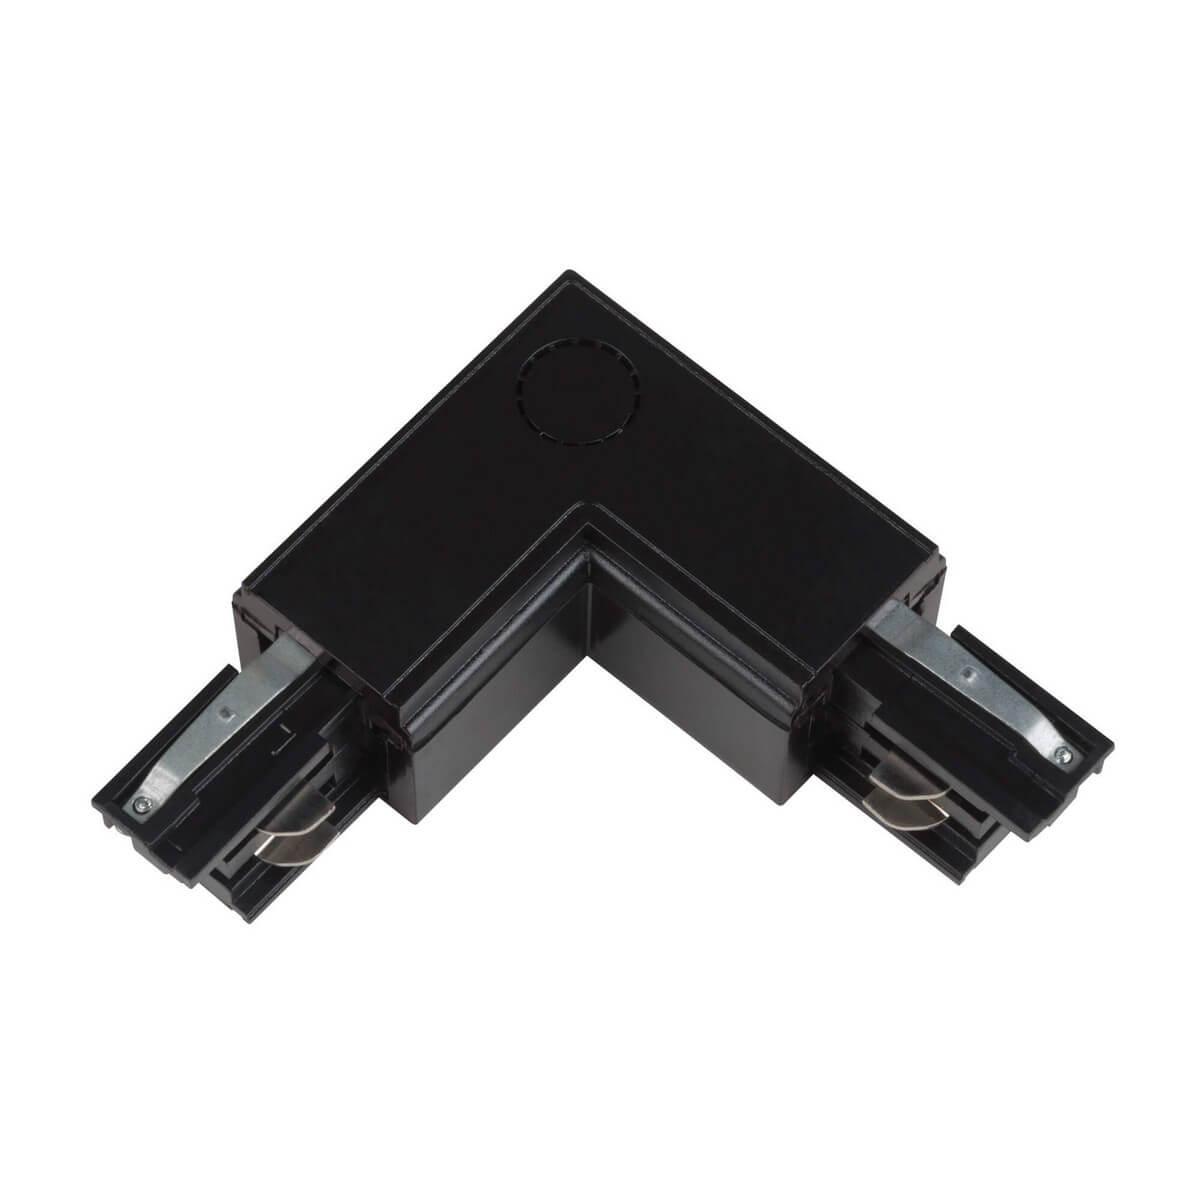 Соединитель для шинопроводов L-образный внешний (09763) Uniel UBX-A21 Black цена